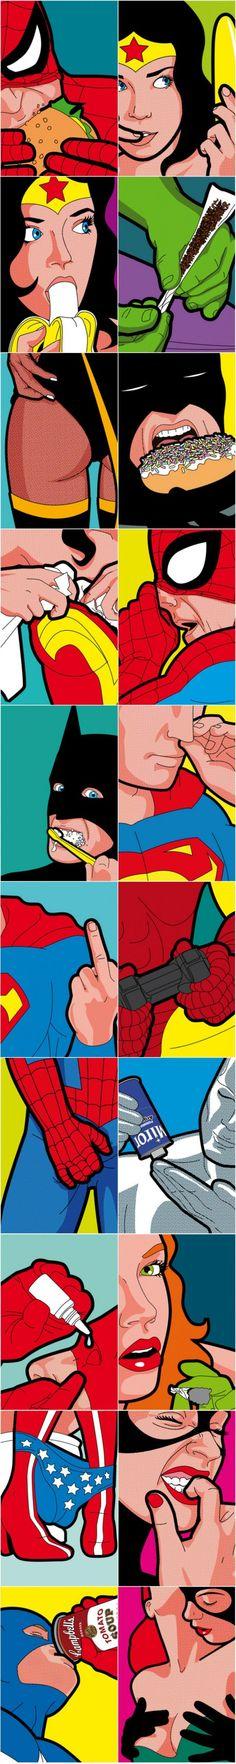 Even a Super Hero has a secret life